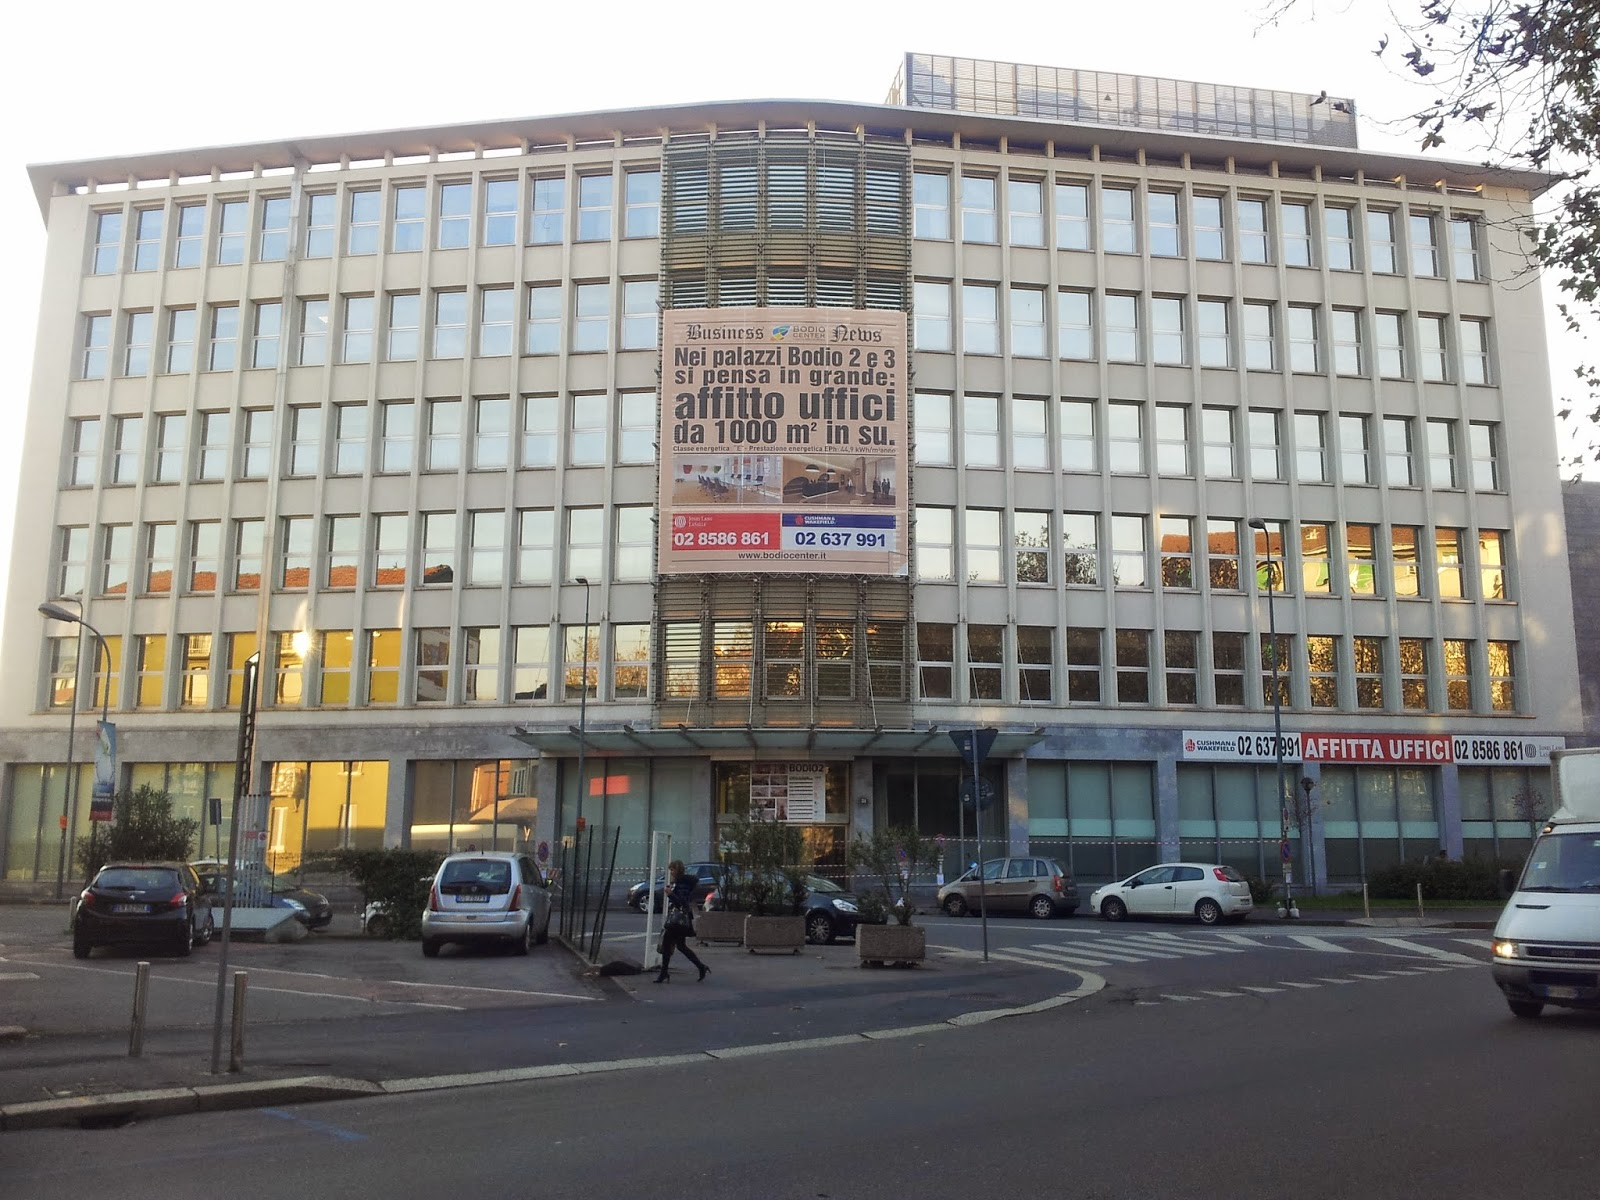 Ufficio Lavoro Napoli : Ufficio provinciale lavoro napoli images domicilio luogo di